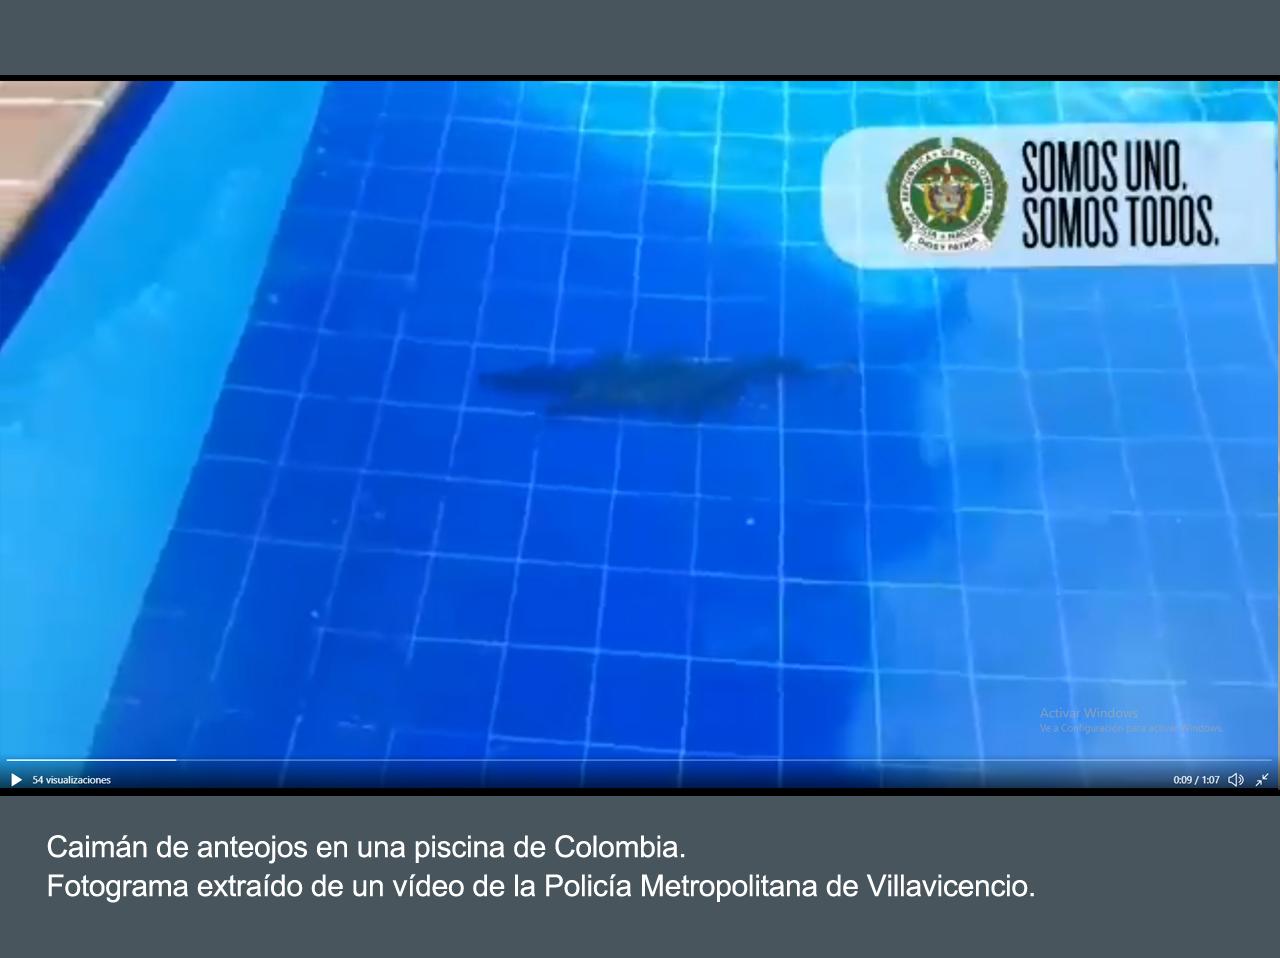 Un caimán, nadando en una piscina de Colombia. Imagen: Policía Metropolitana de Villavicencio